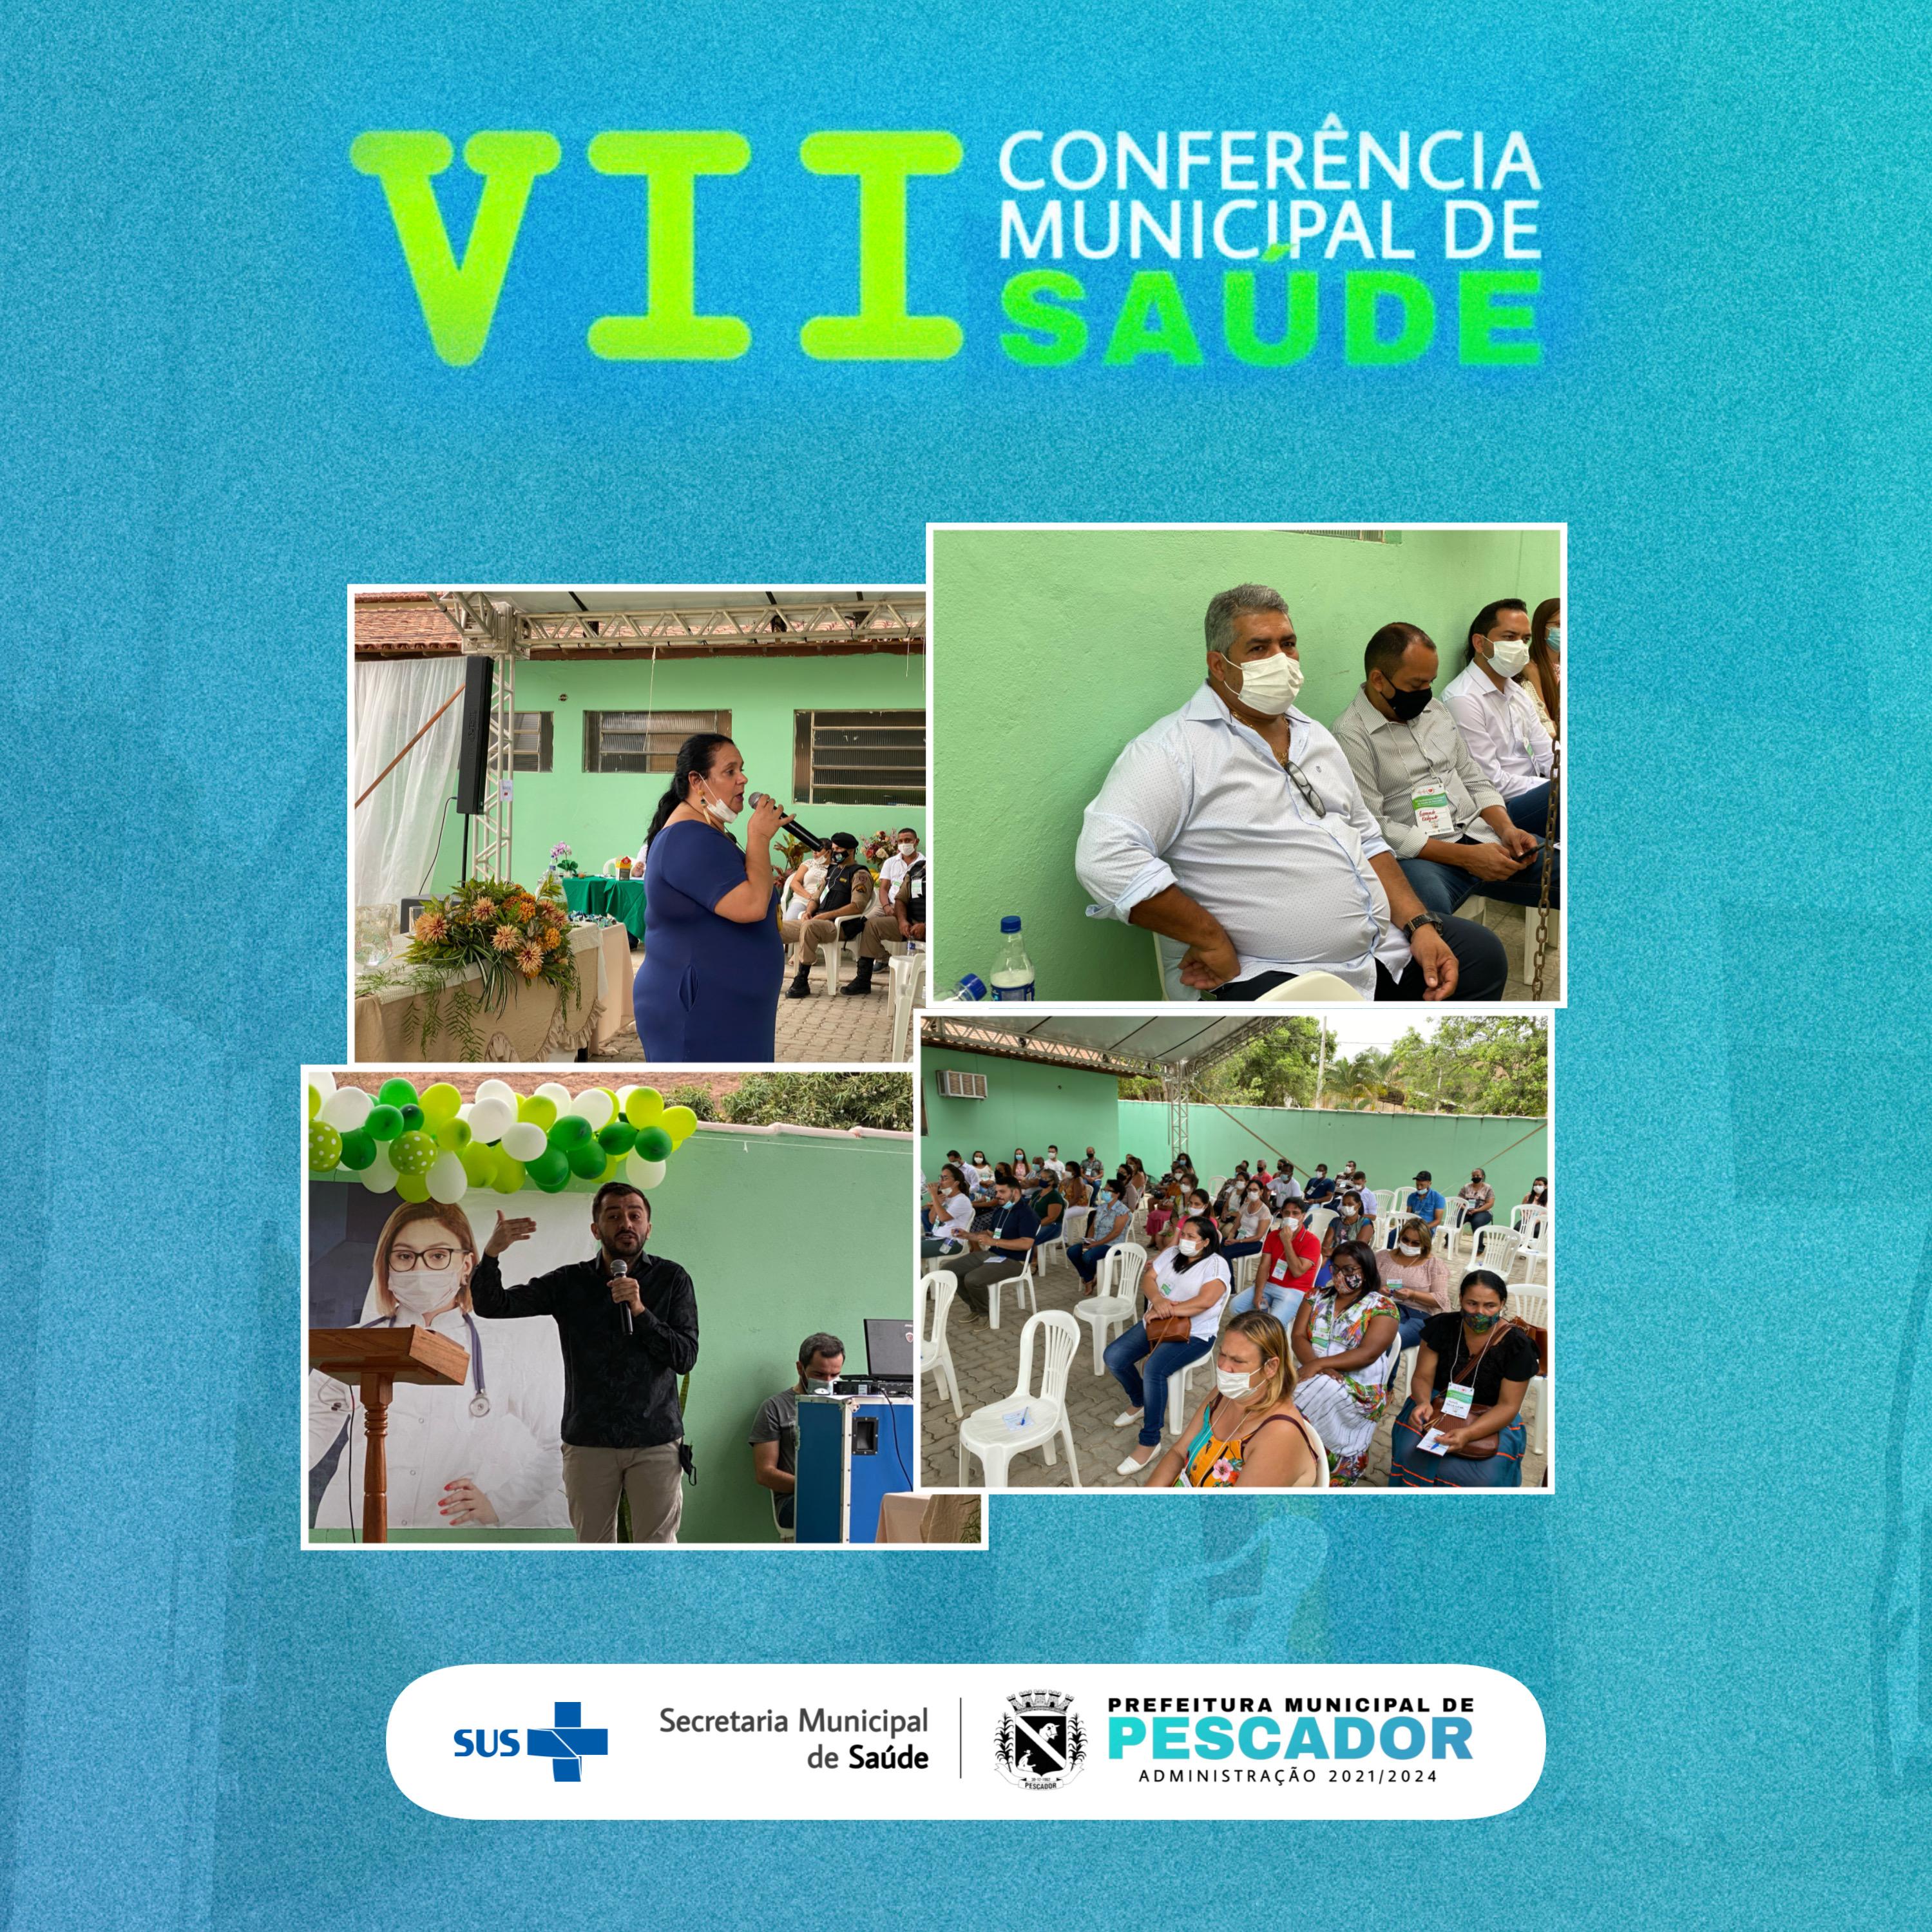 VII CONFERÊNCIA MUNICIPAL DE SAÚDE